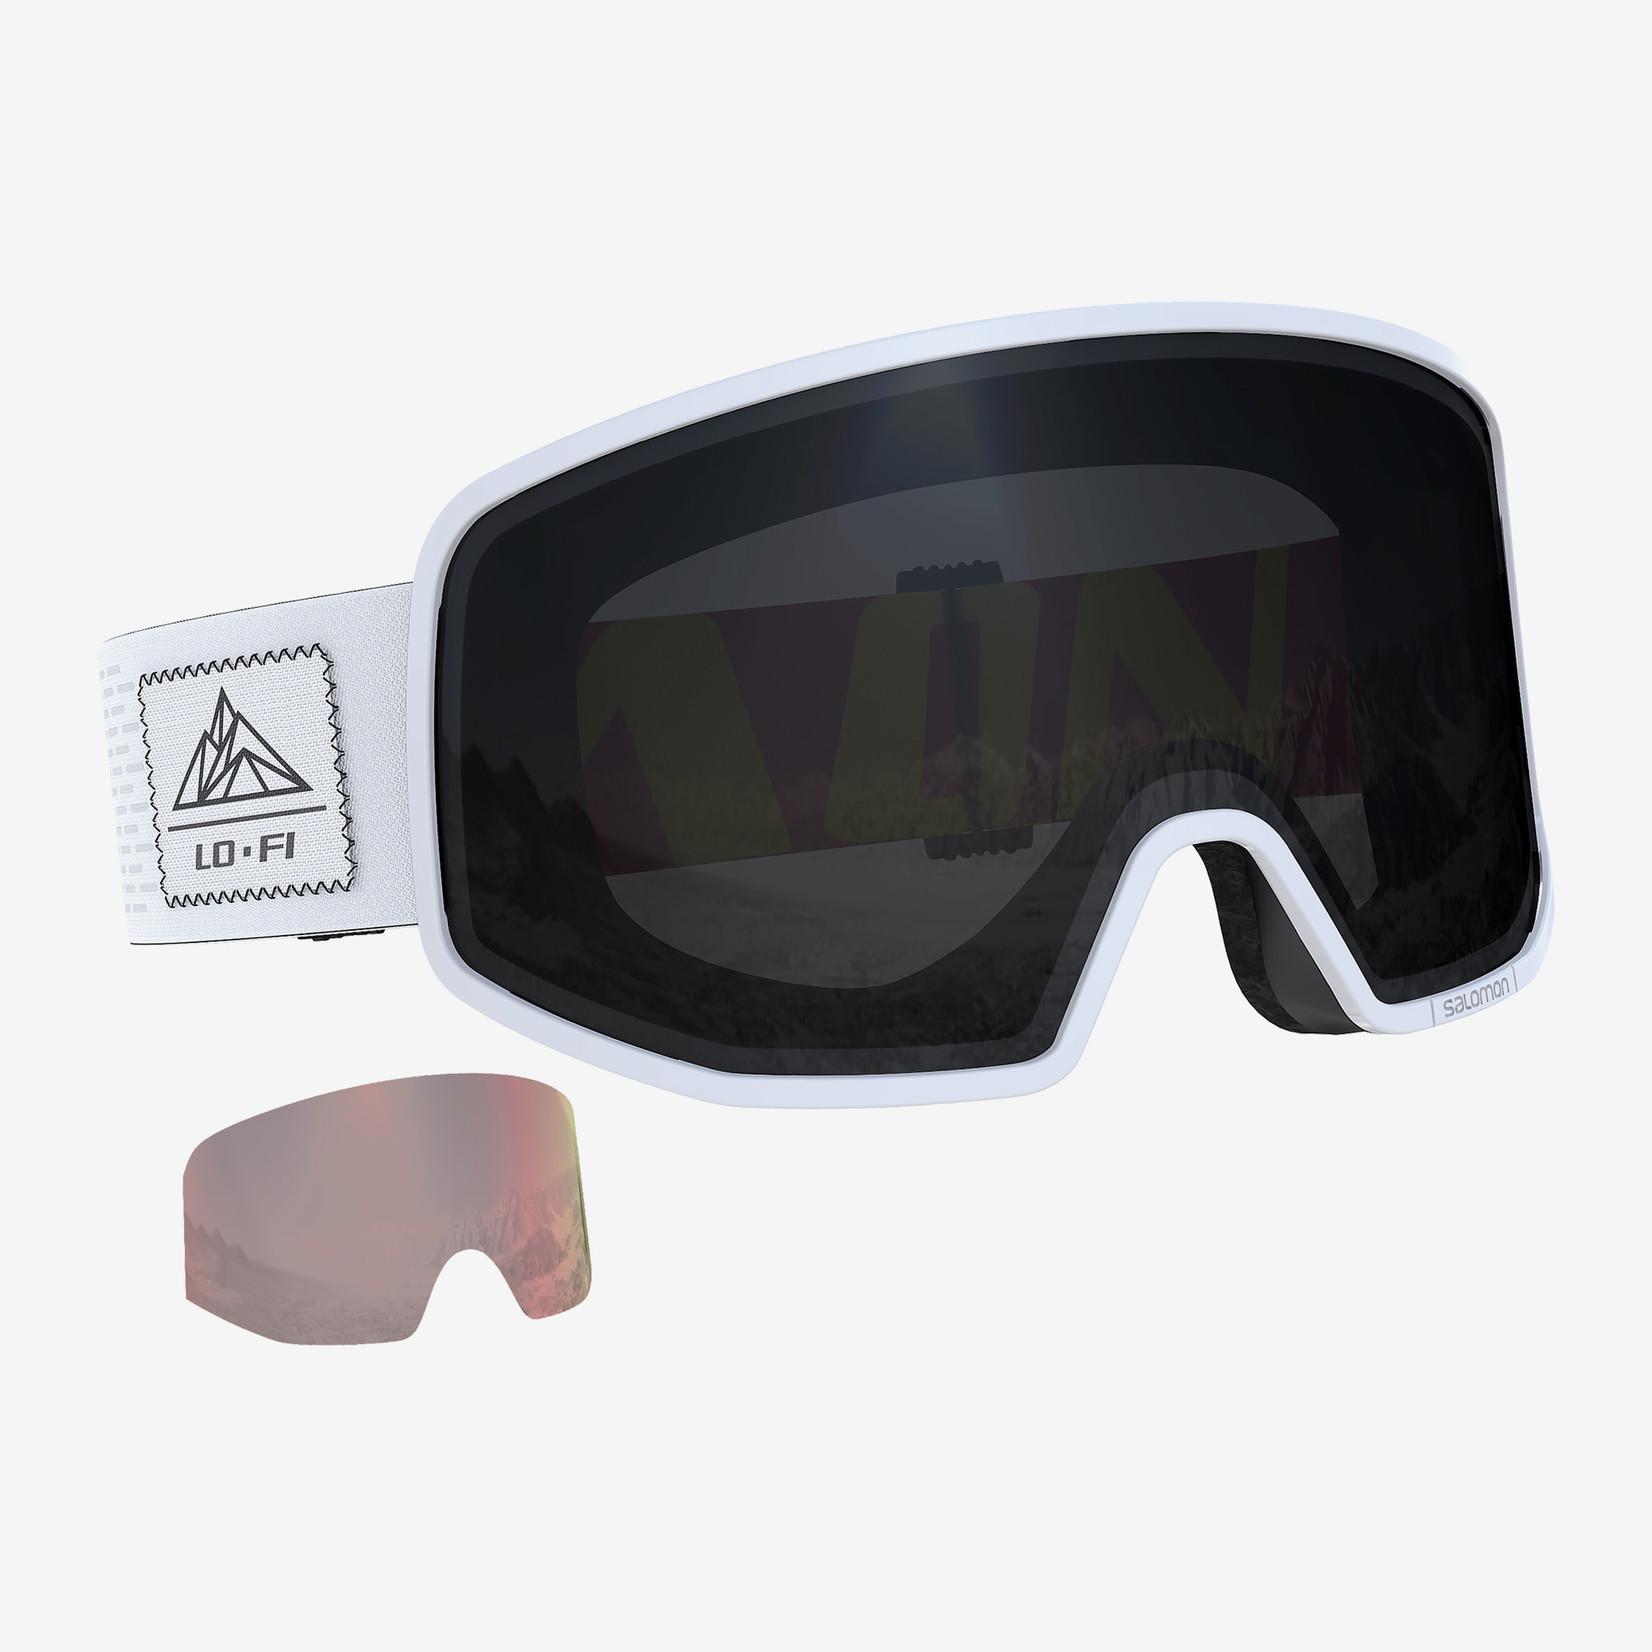 Salomon Lunettes de ski Salomon Lo Fi - Unisexe